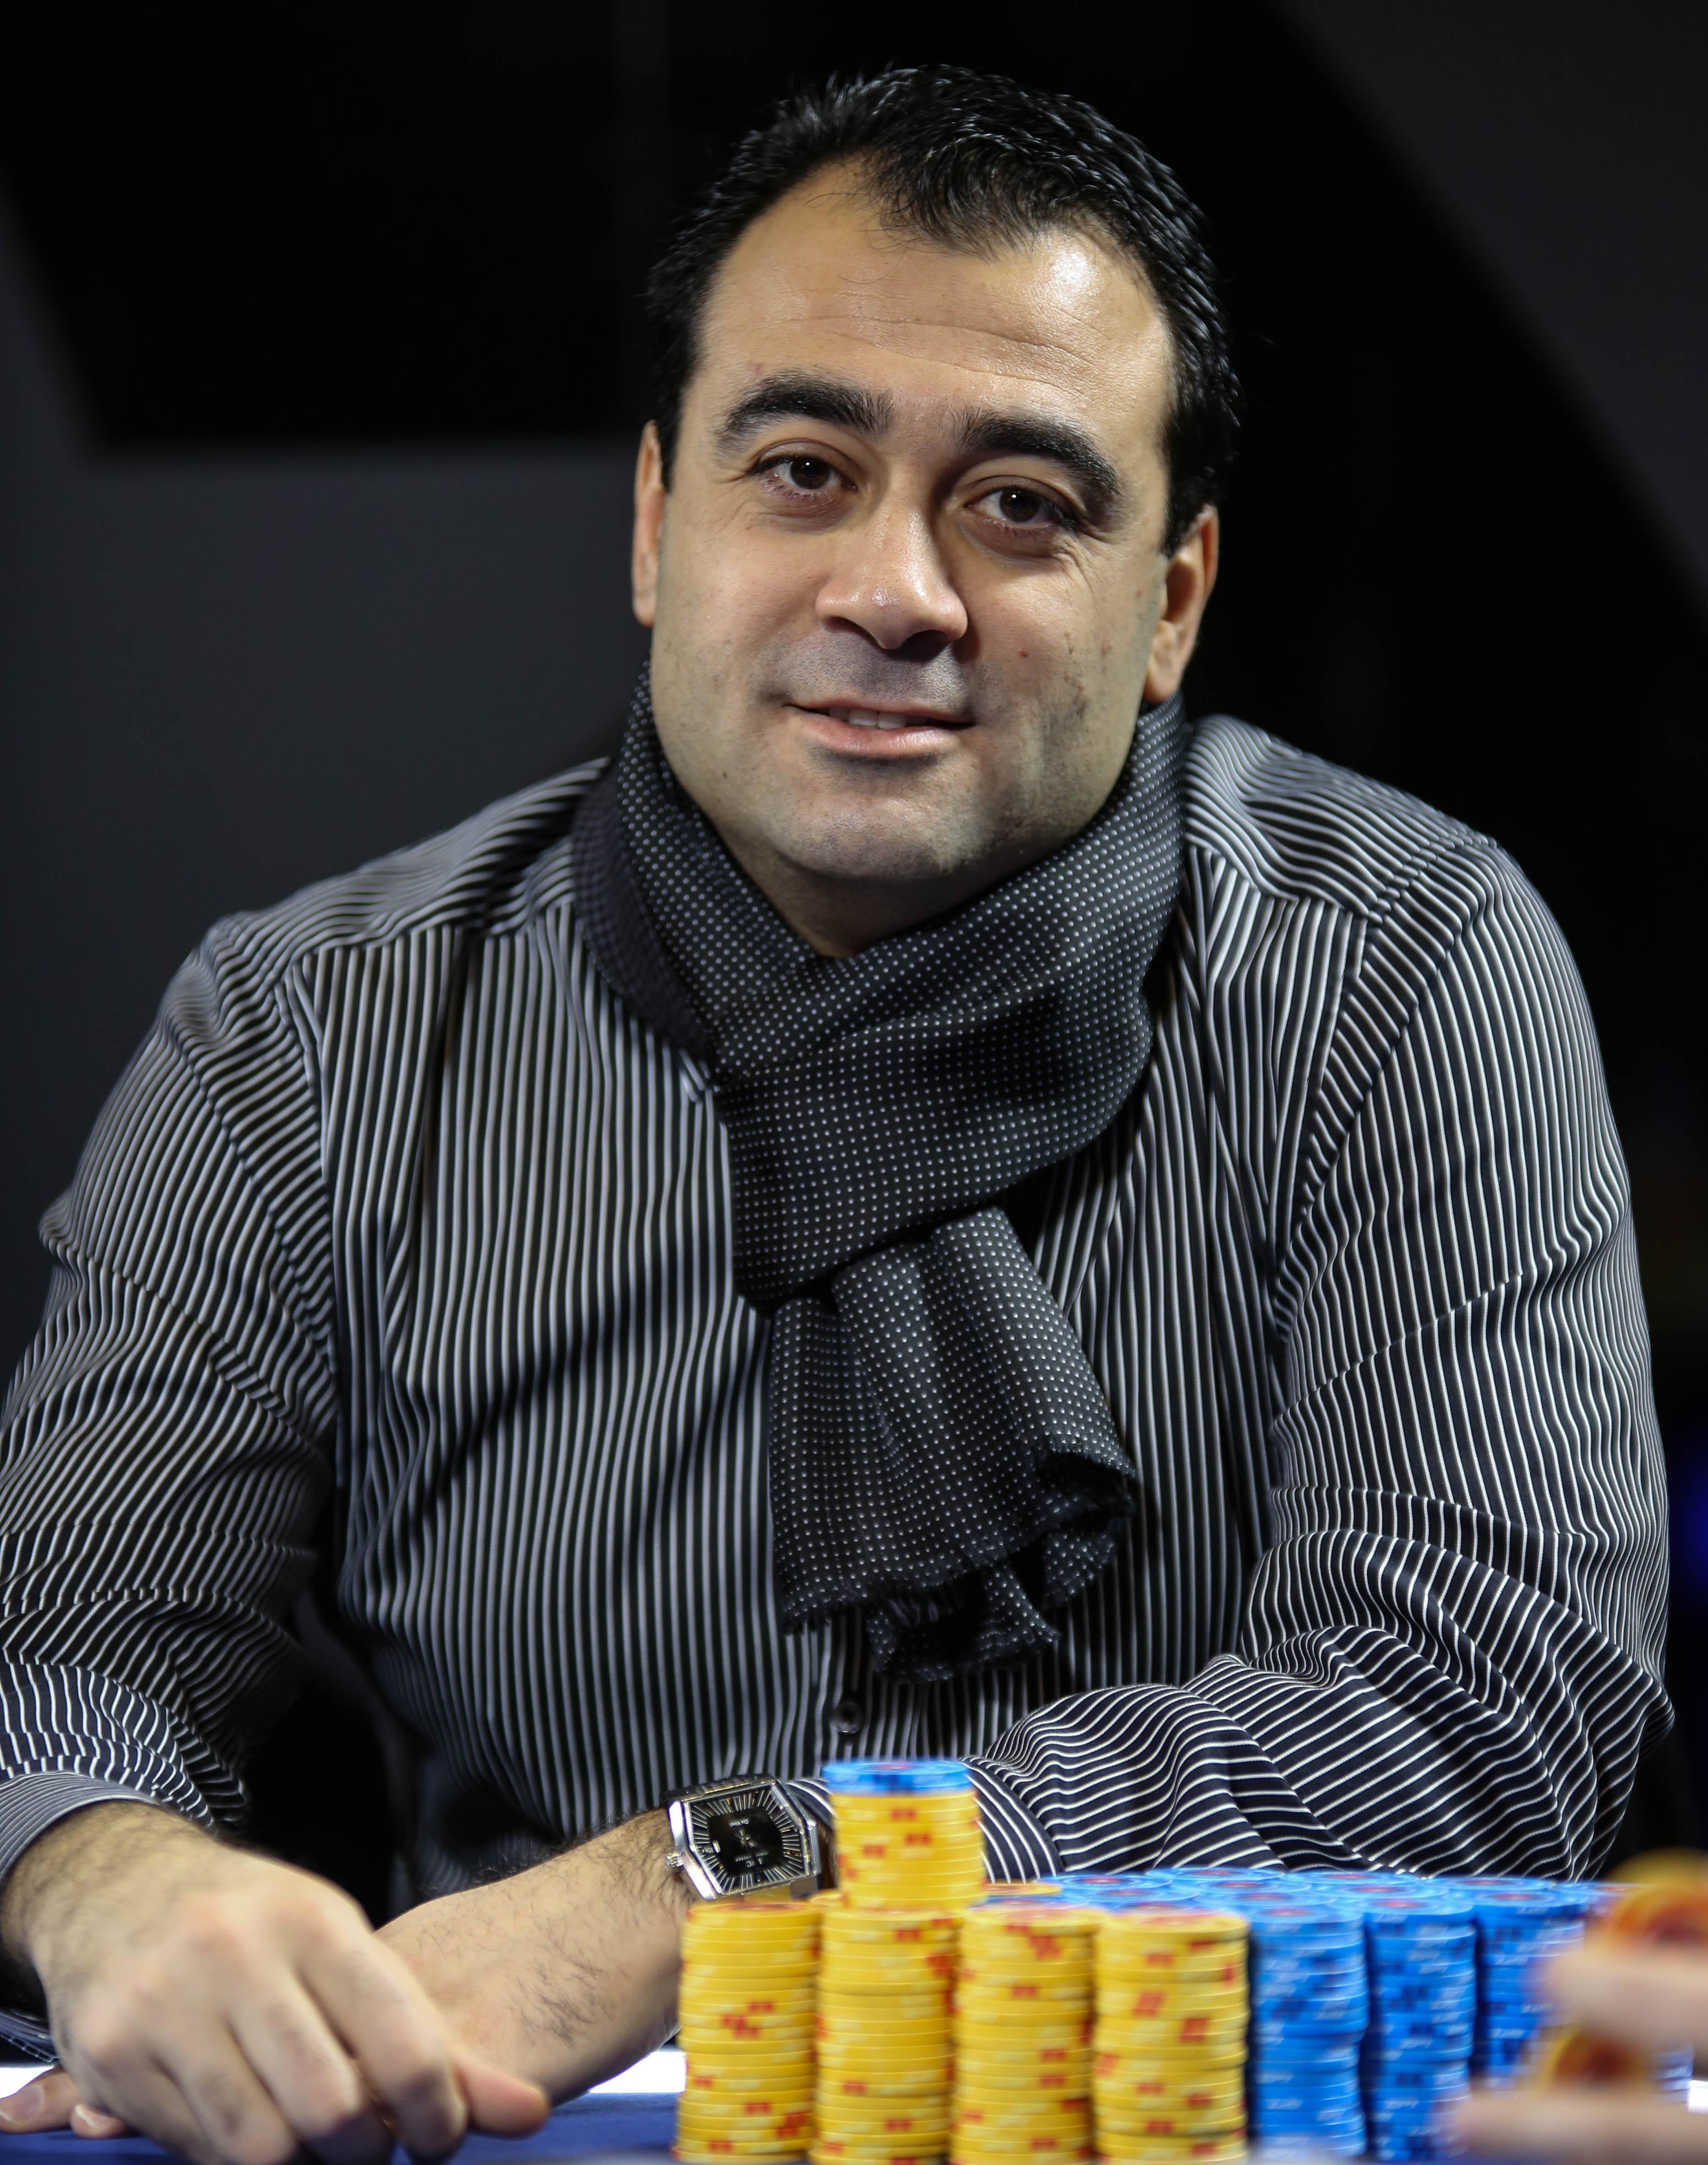 Unibet Plant Neue Poker Software FГјr 2021 | Hochgepokert